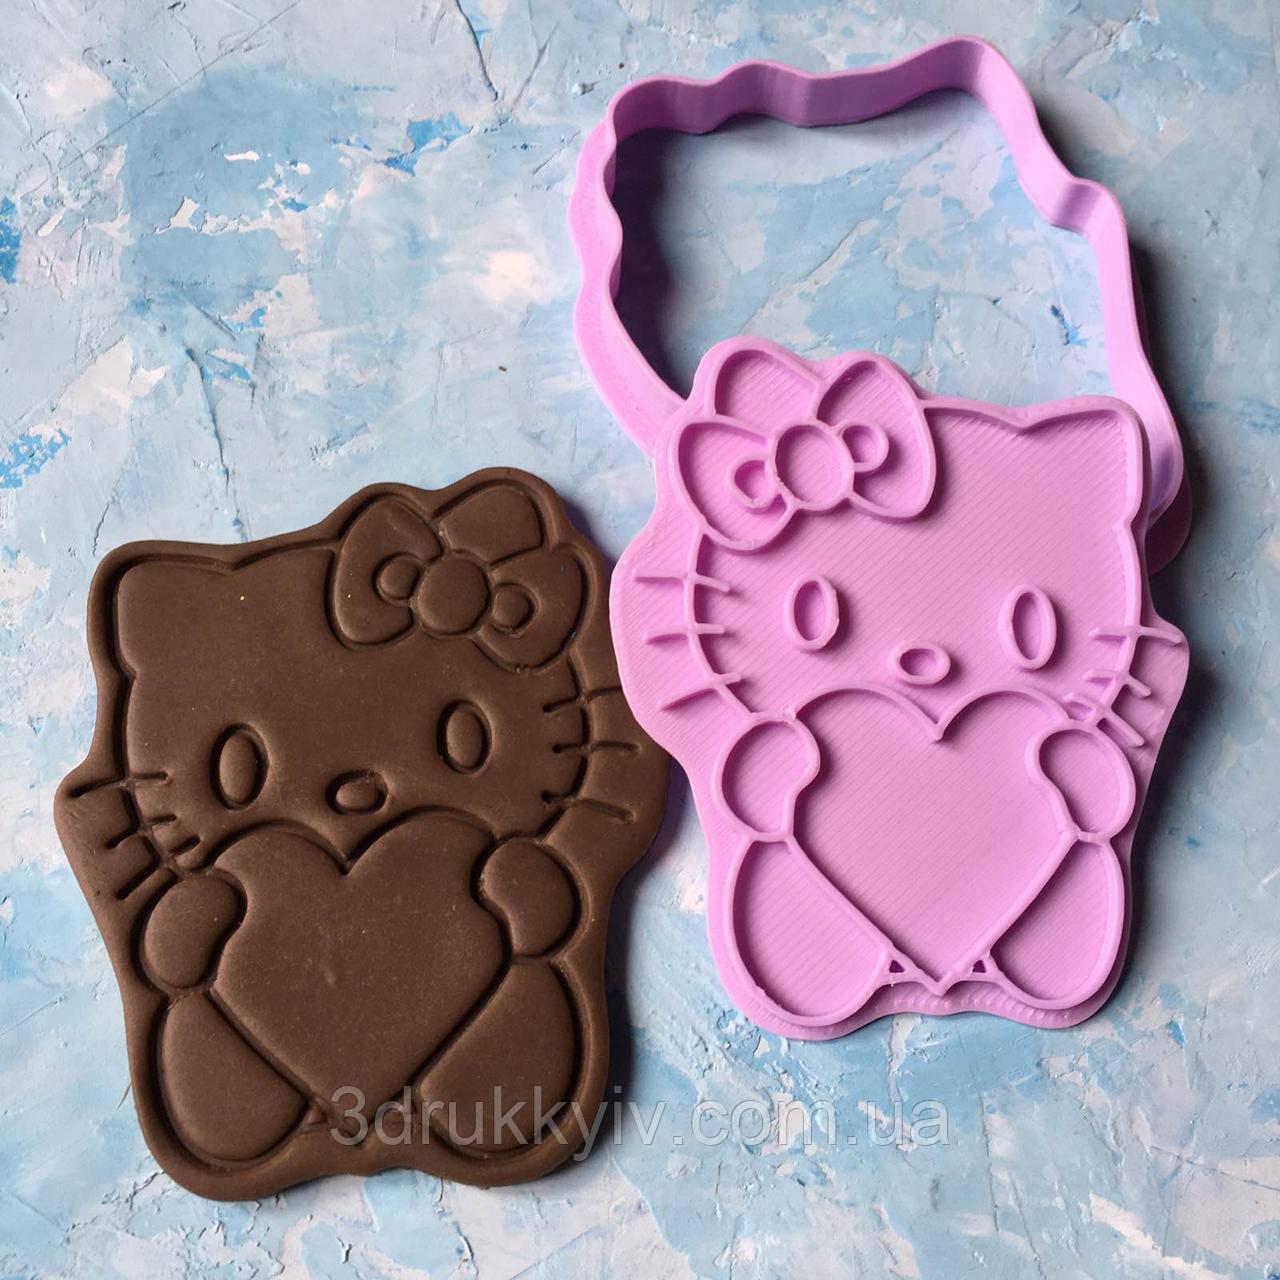 """Вирубка зі штампом """"Hello Kitty #1"""" / Вирубка - формочка зі штампом для пряників """"Хелло Кітті #1"""""""